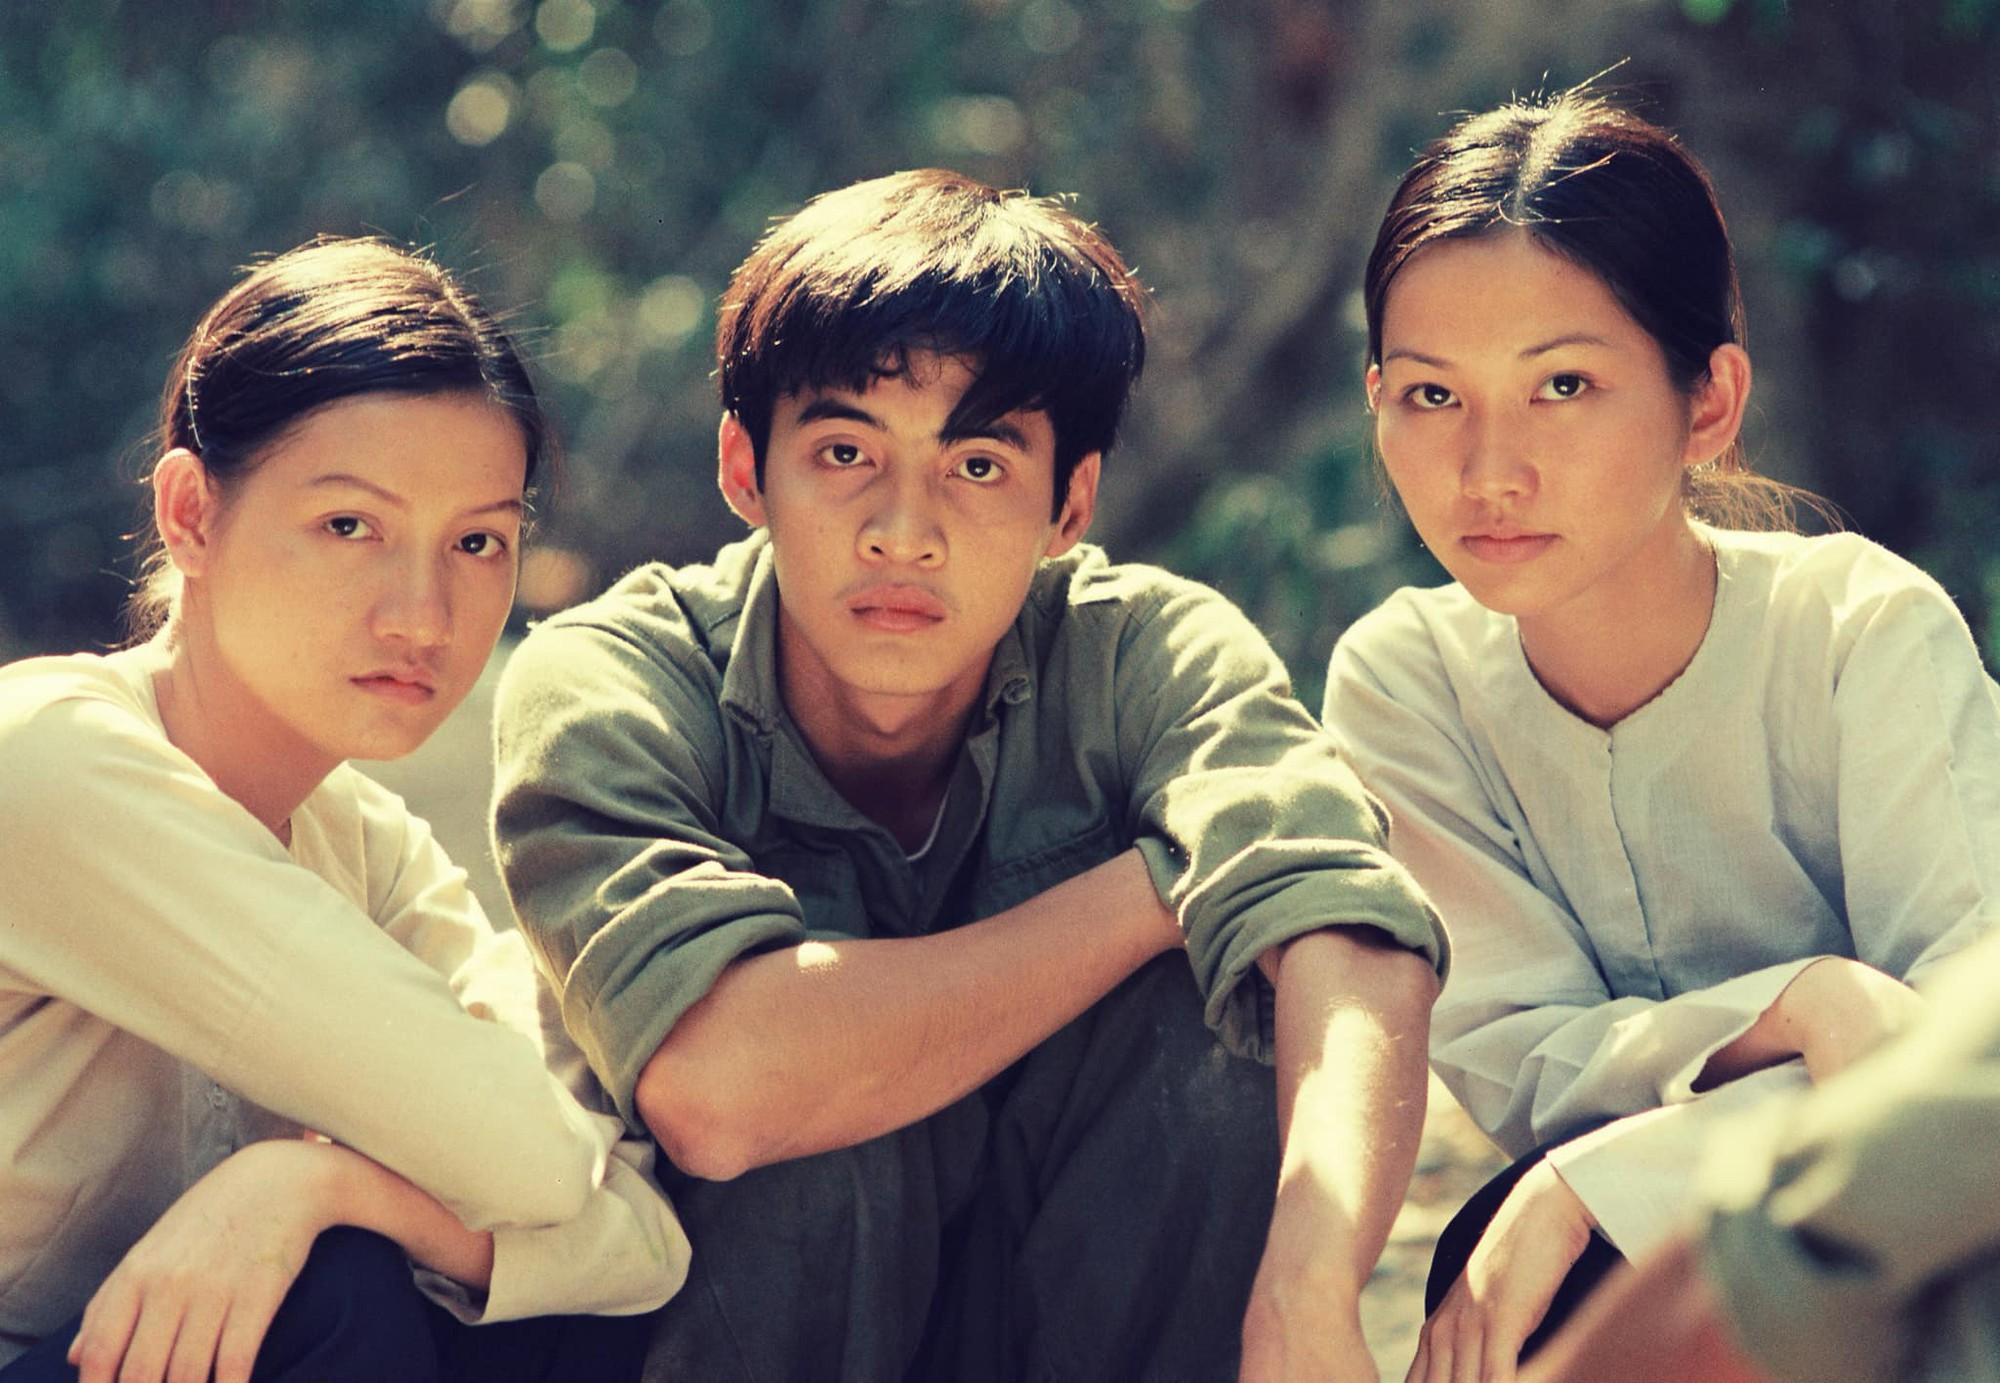 Tin được không, 20 năm trước bác sĩ Hải của Hậu Duệ Mặt Trời bản Việt đẹp trai như một soái ca ngôn tình - Ảnh 18.